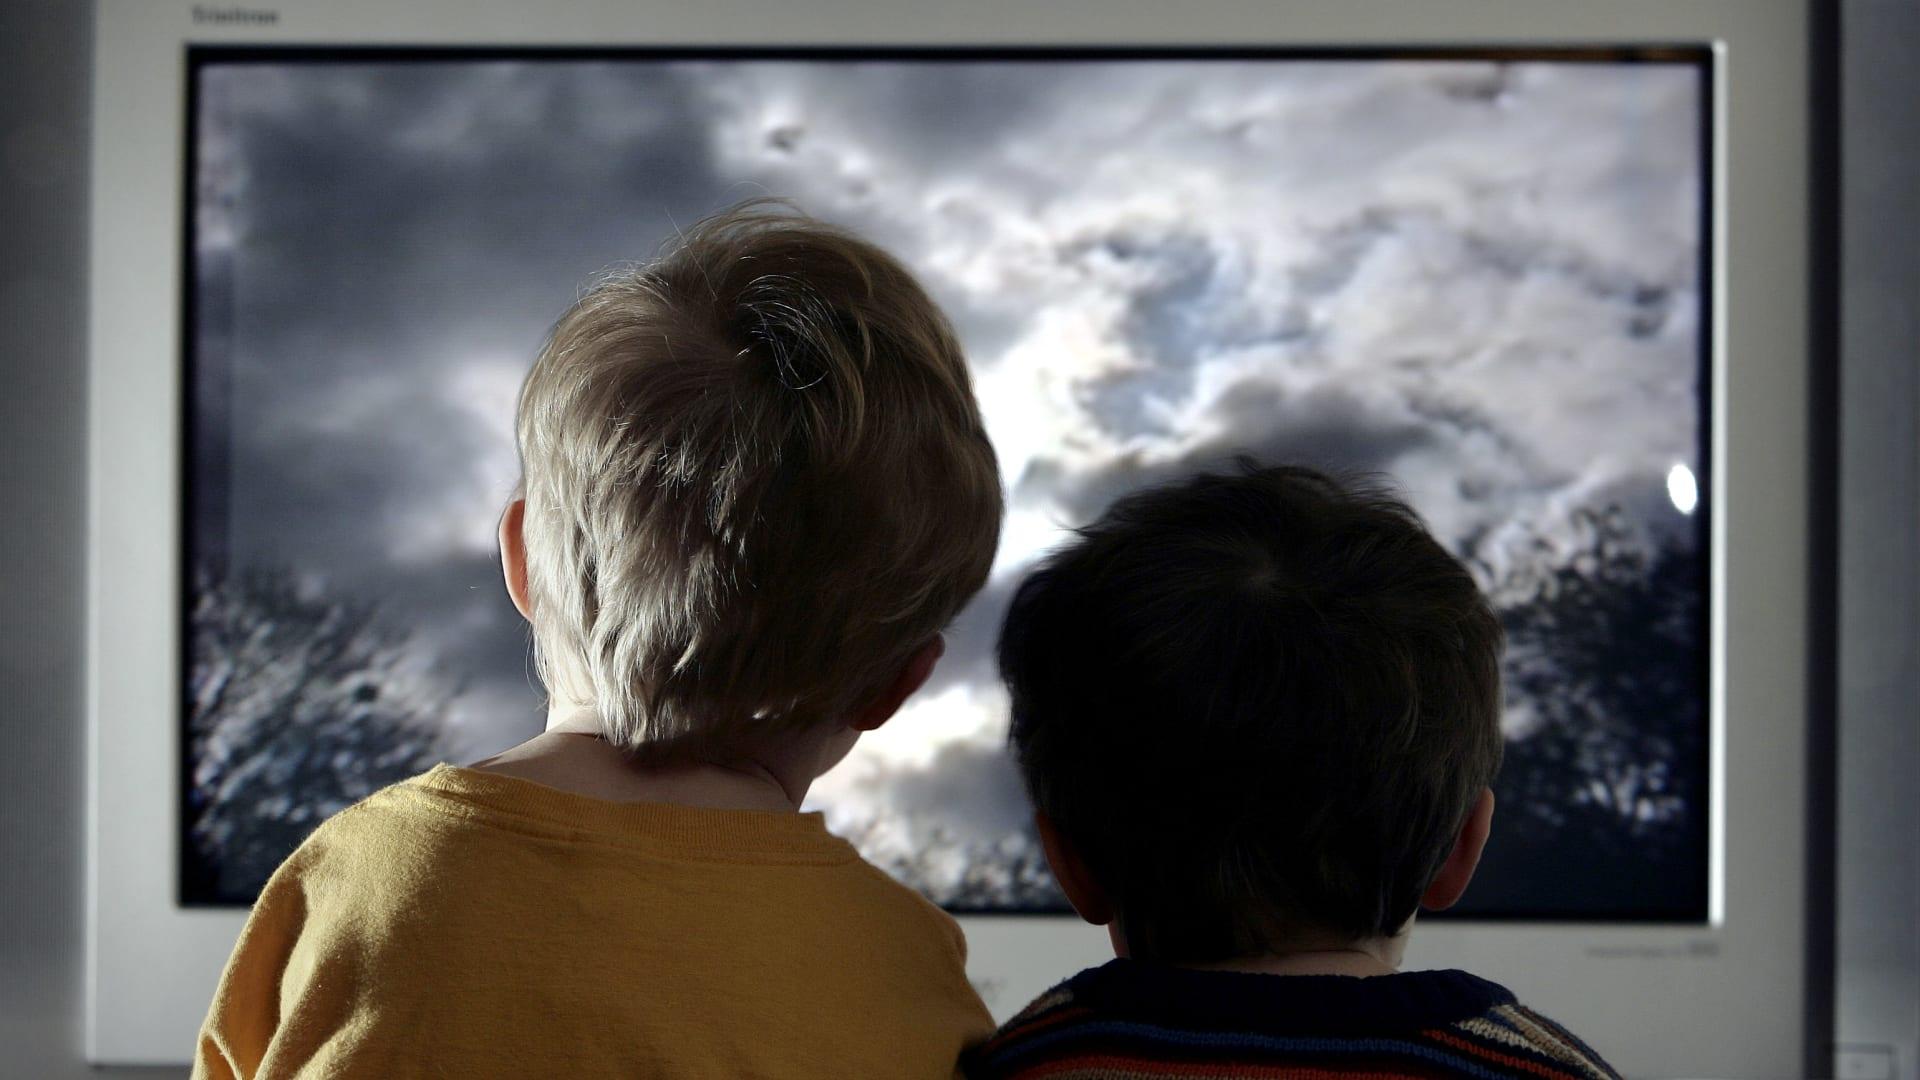 دراسة: الأطفال دون أخوة أو أخوات أكثر عرضة للإصابة بالسمنة